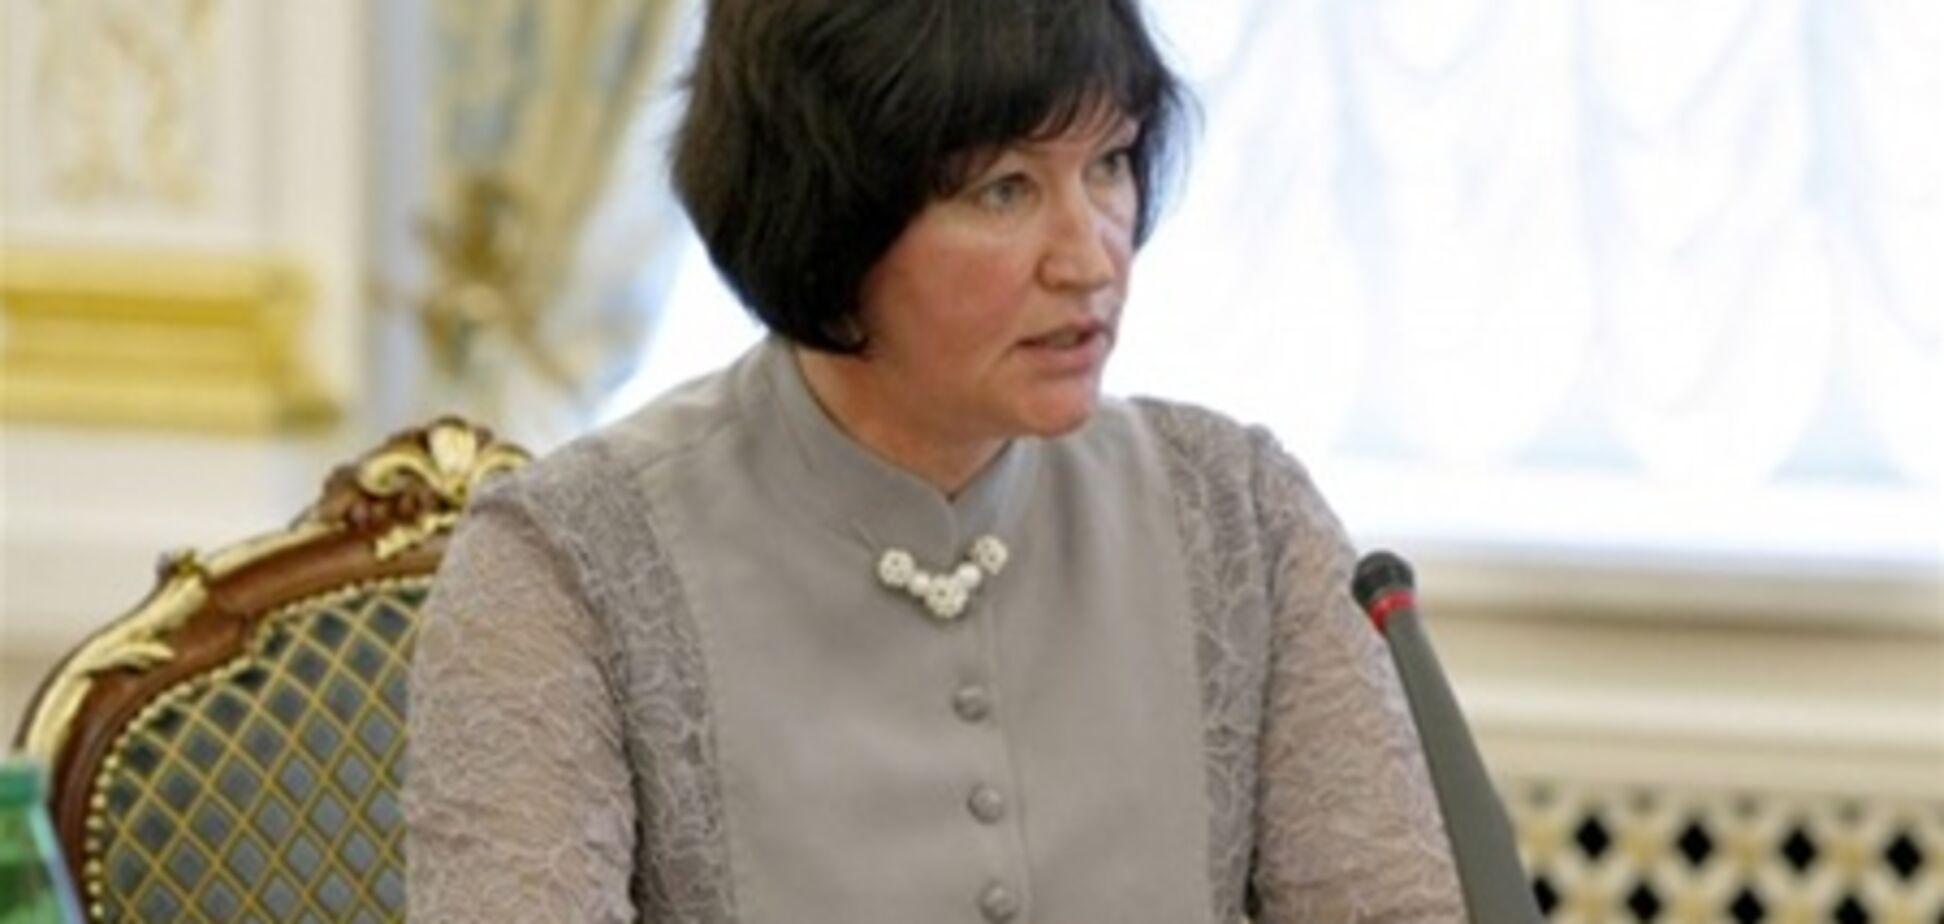 Акимова: пенсионная реформа должна продолжаться